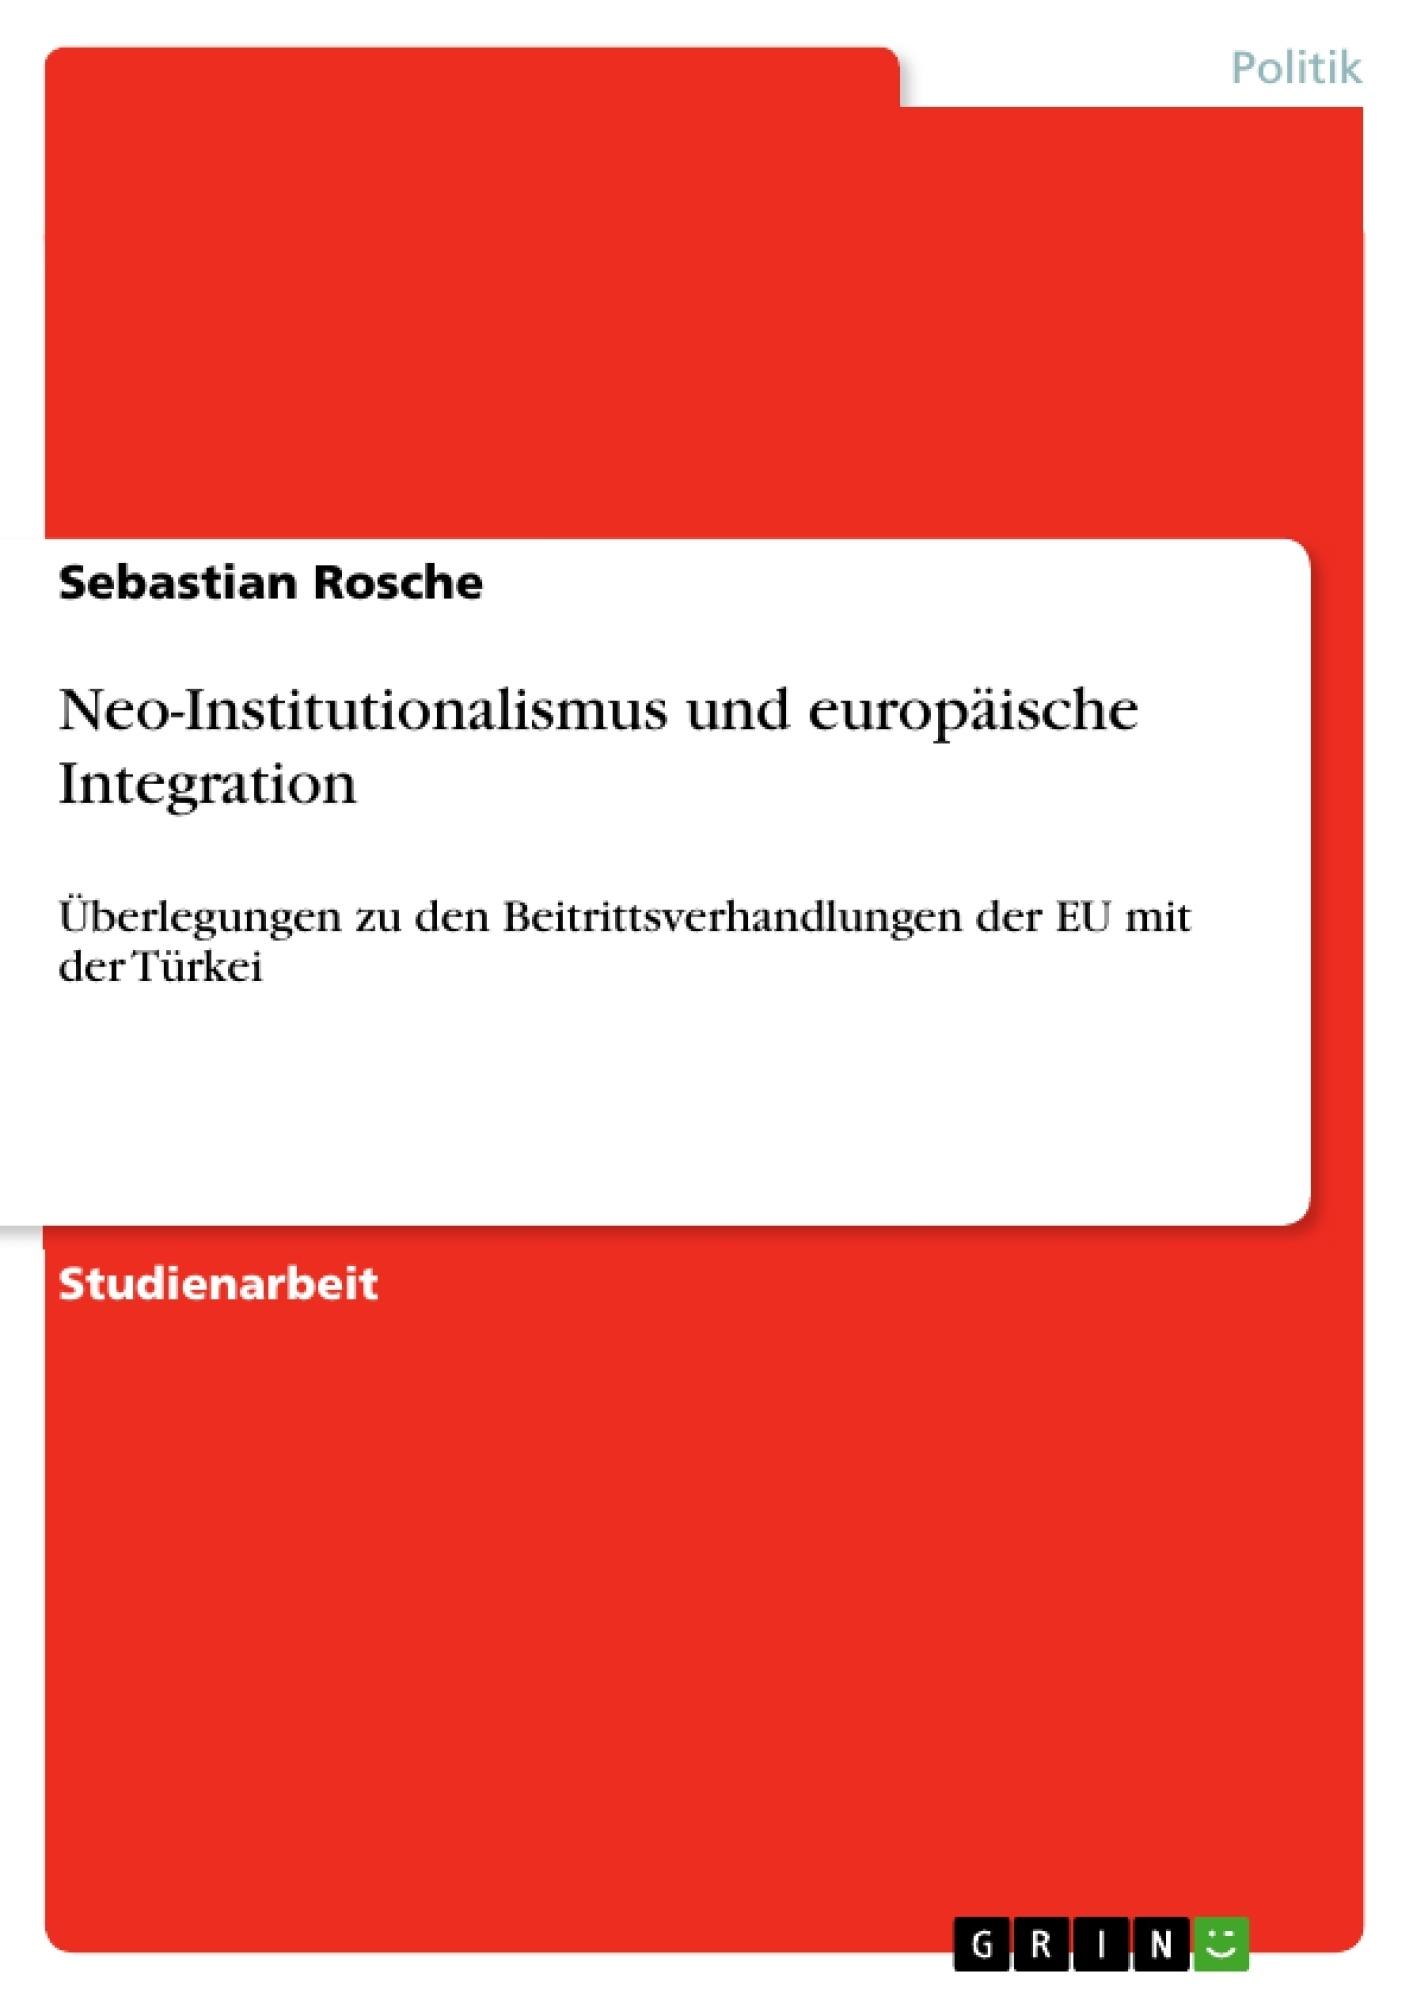 Titel: Neo-Institutionalismus und europäische Integration